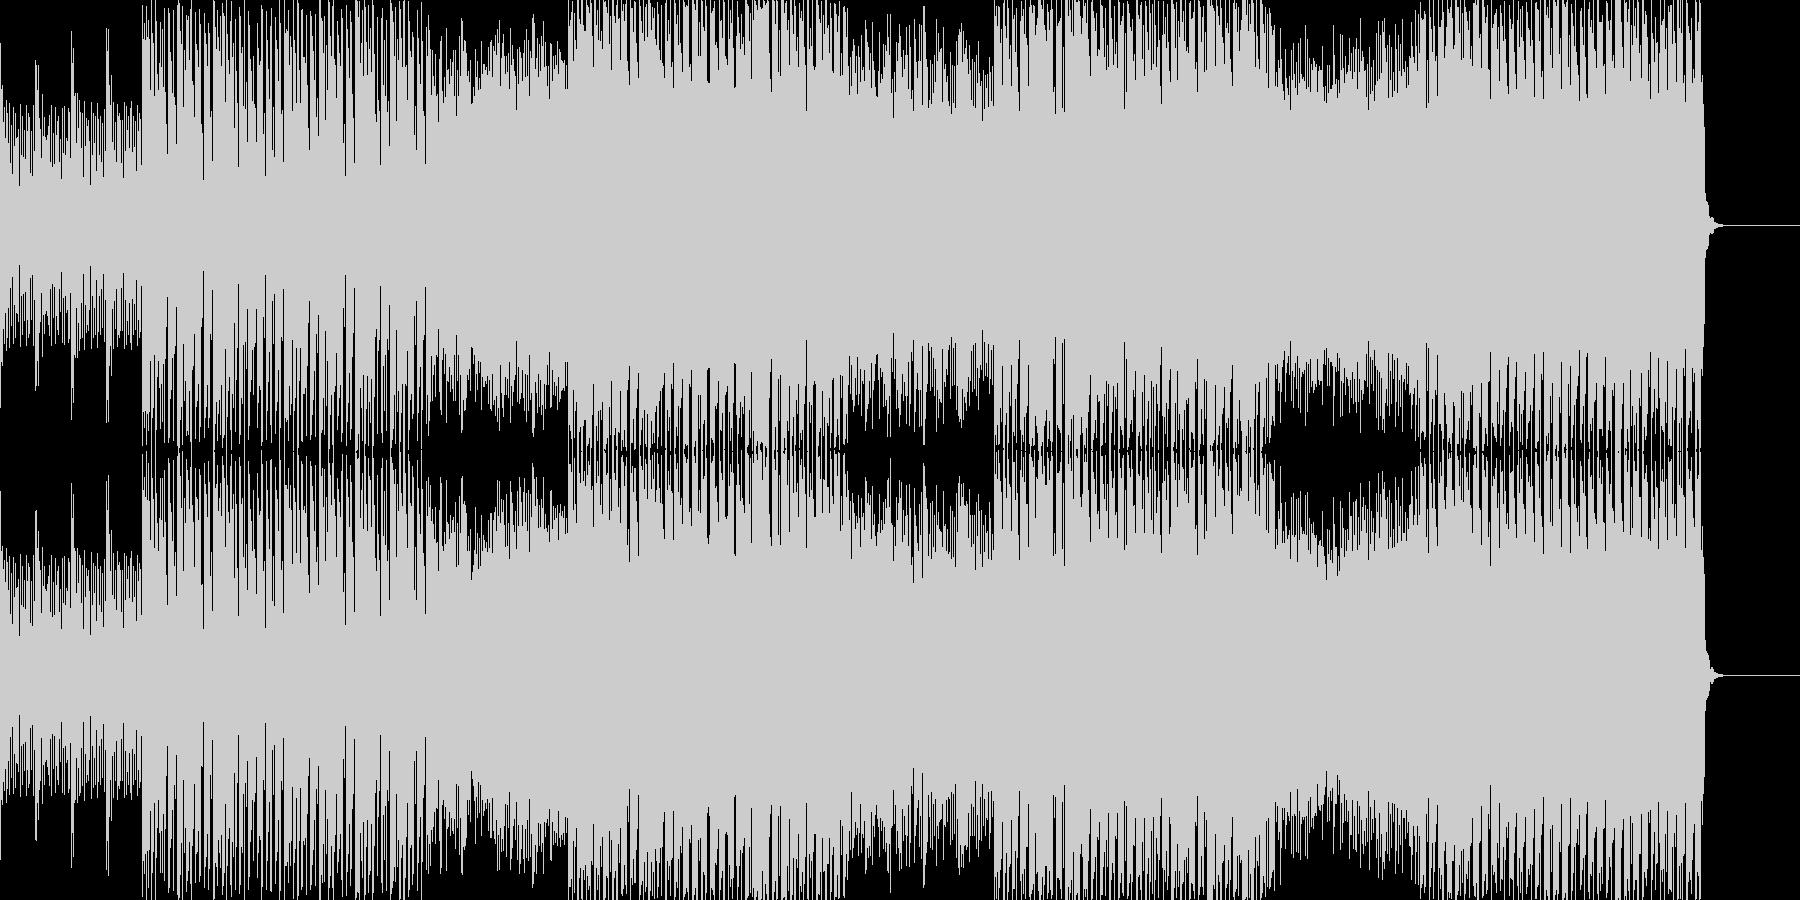 疾走感のあるエレクトリックな音楽の未再生の波形